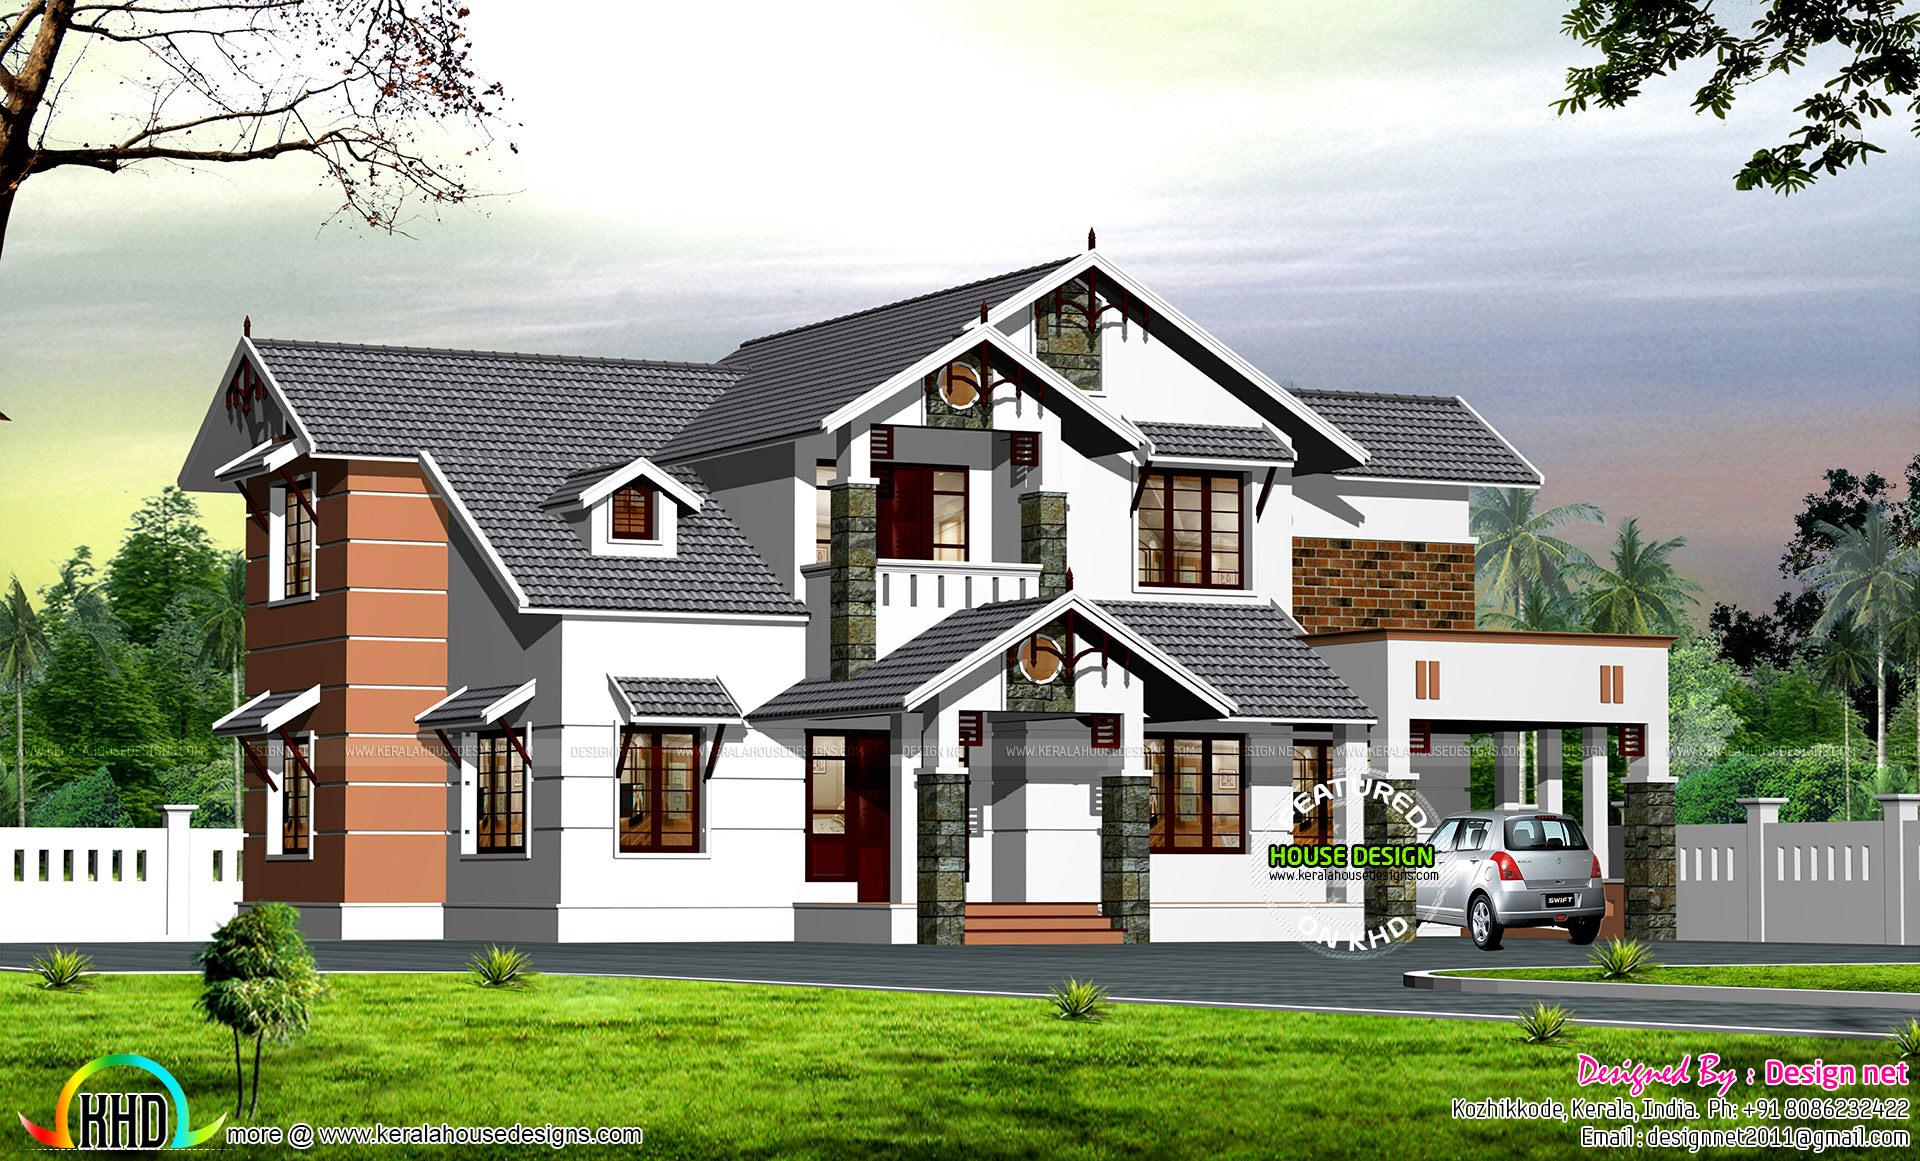 Dormer window modern sloping roof house kerala home for Modern sloped house design